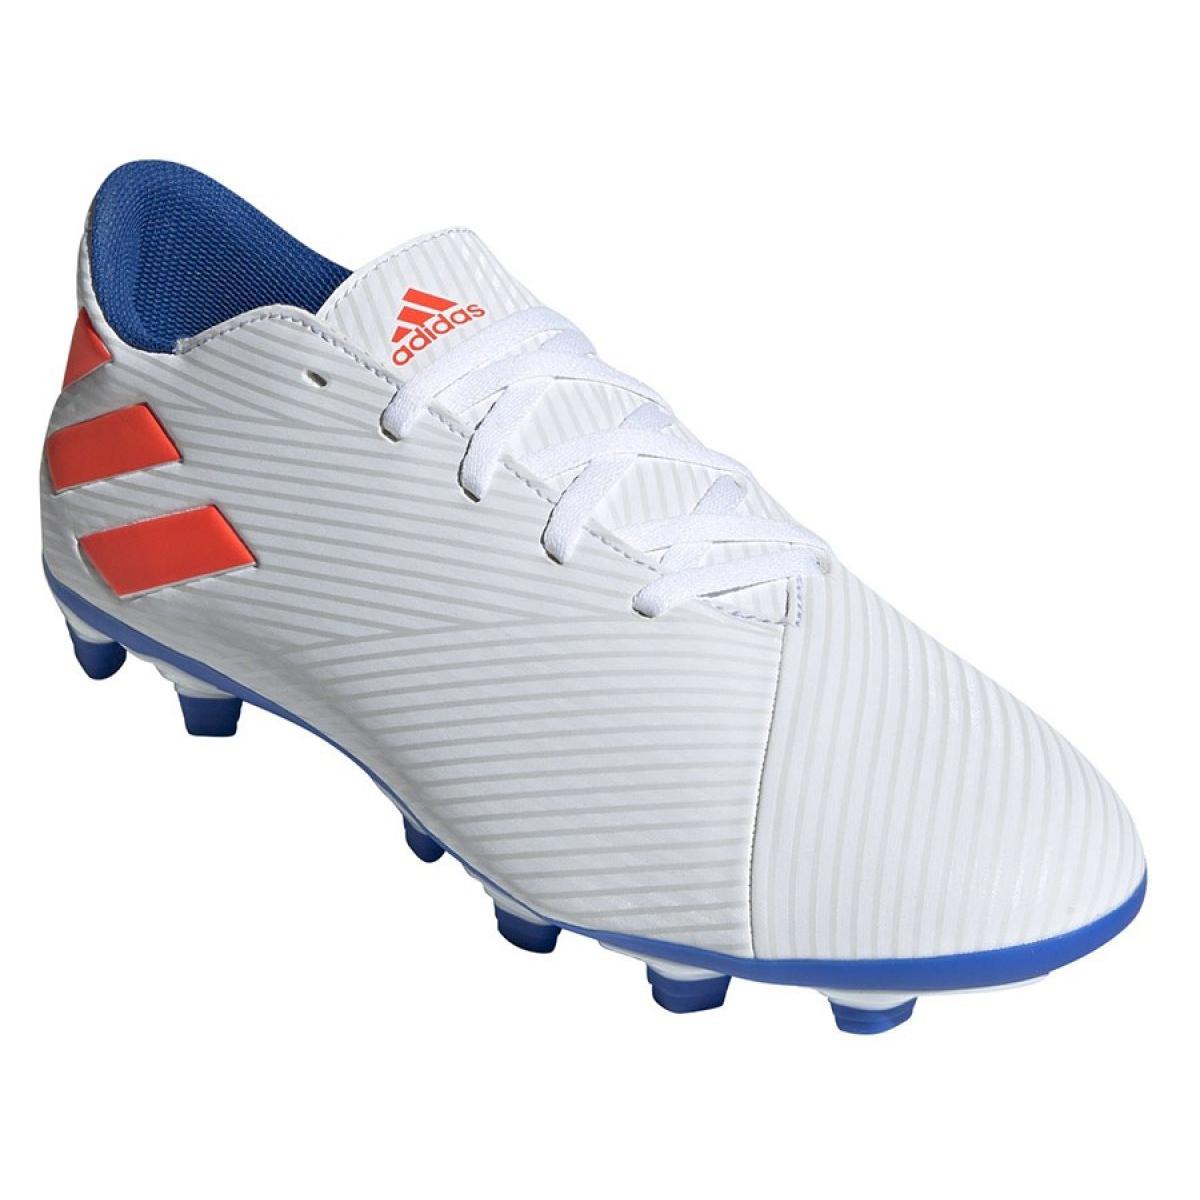 Fussballschuhe Adidas Nemeziz Messi 19 4 Fg M F34401 Weiss Weiss